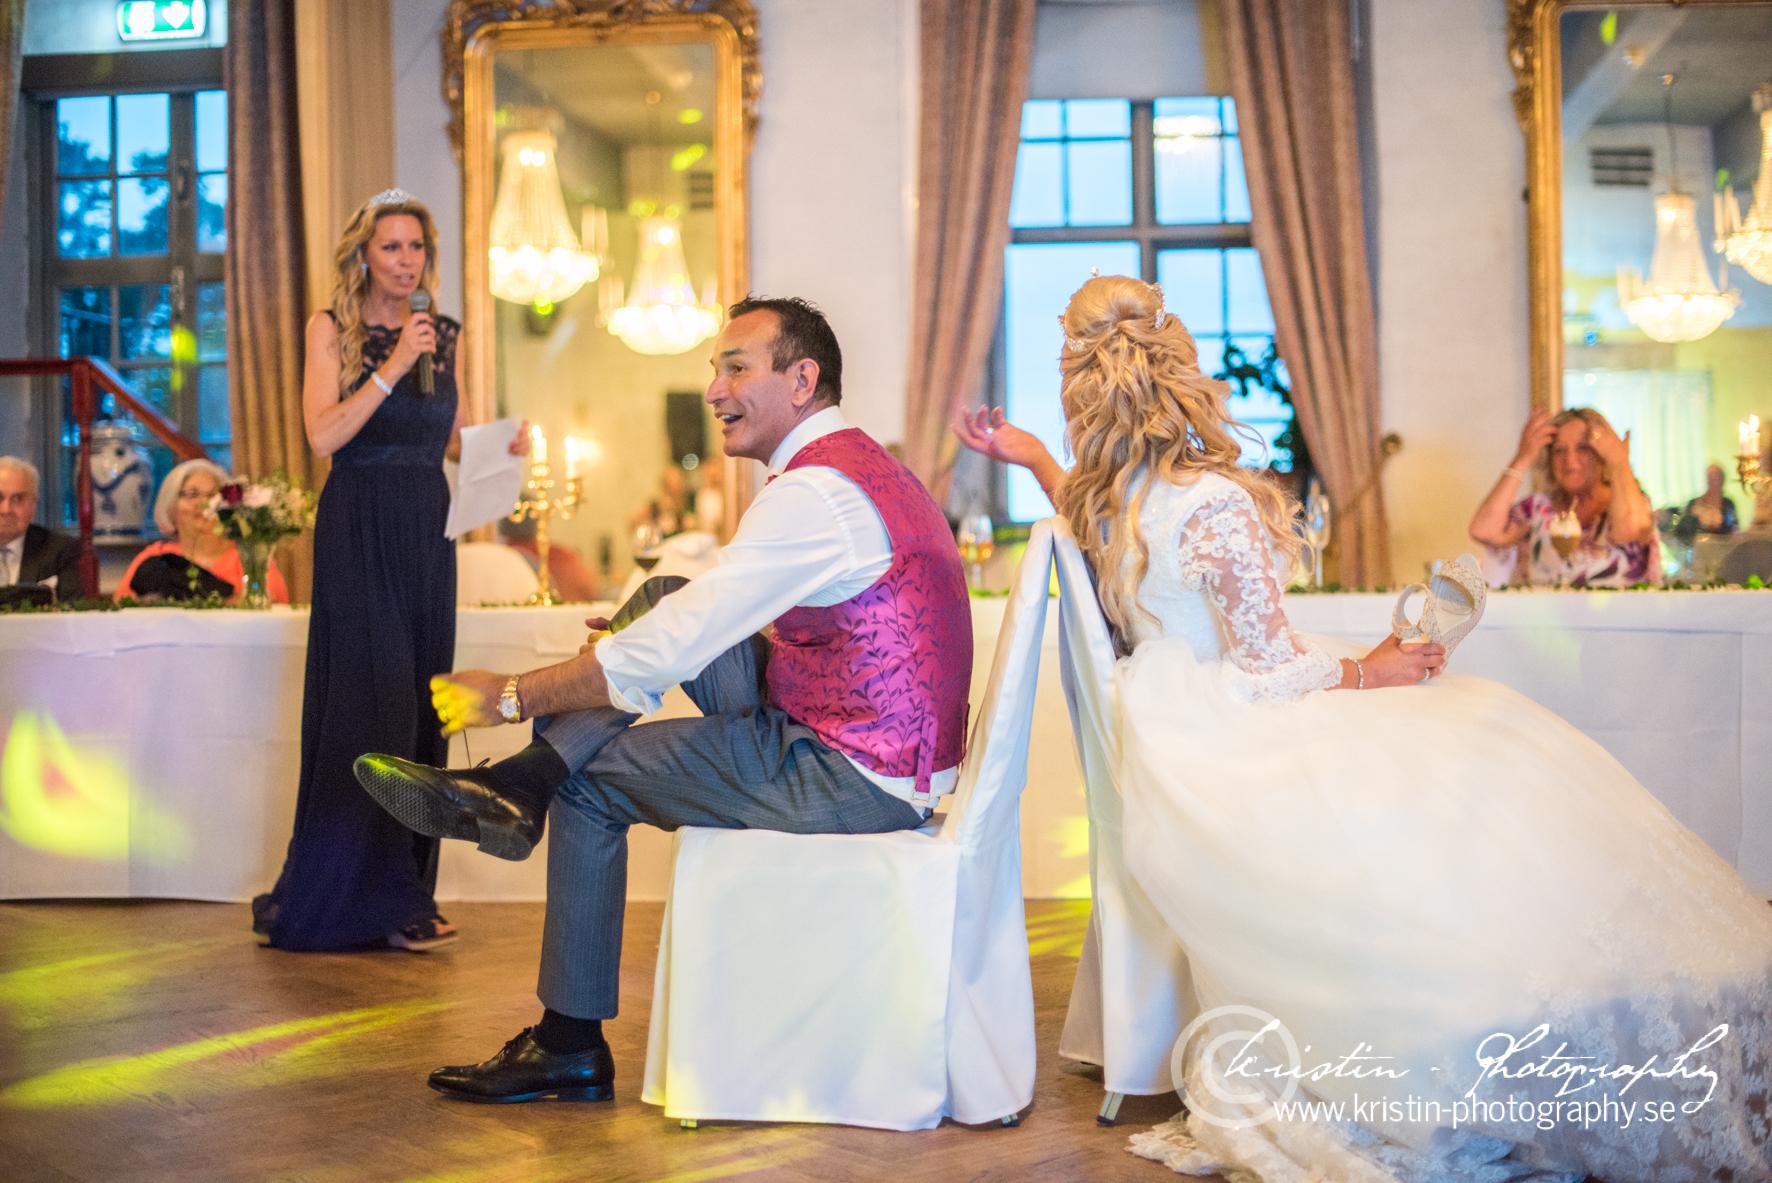 Bröllopsfotograf i Eskilstuna, Kristin - Photography-442.jpg